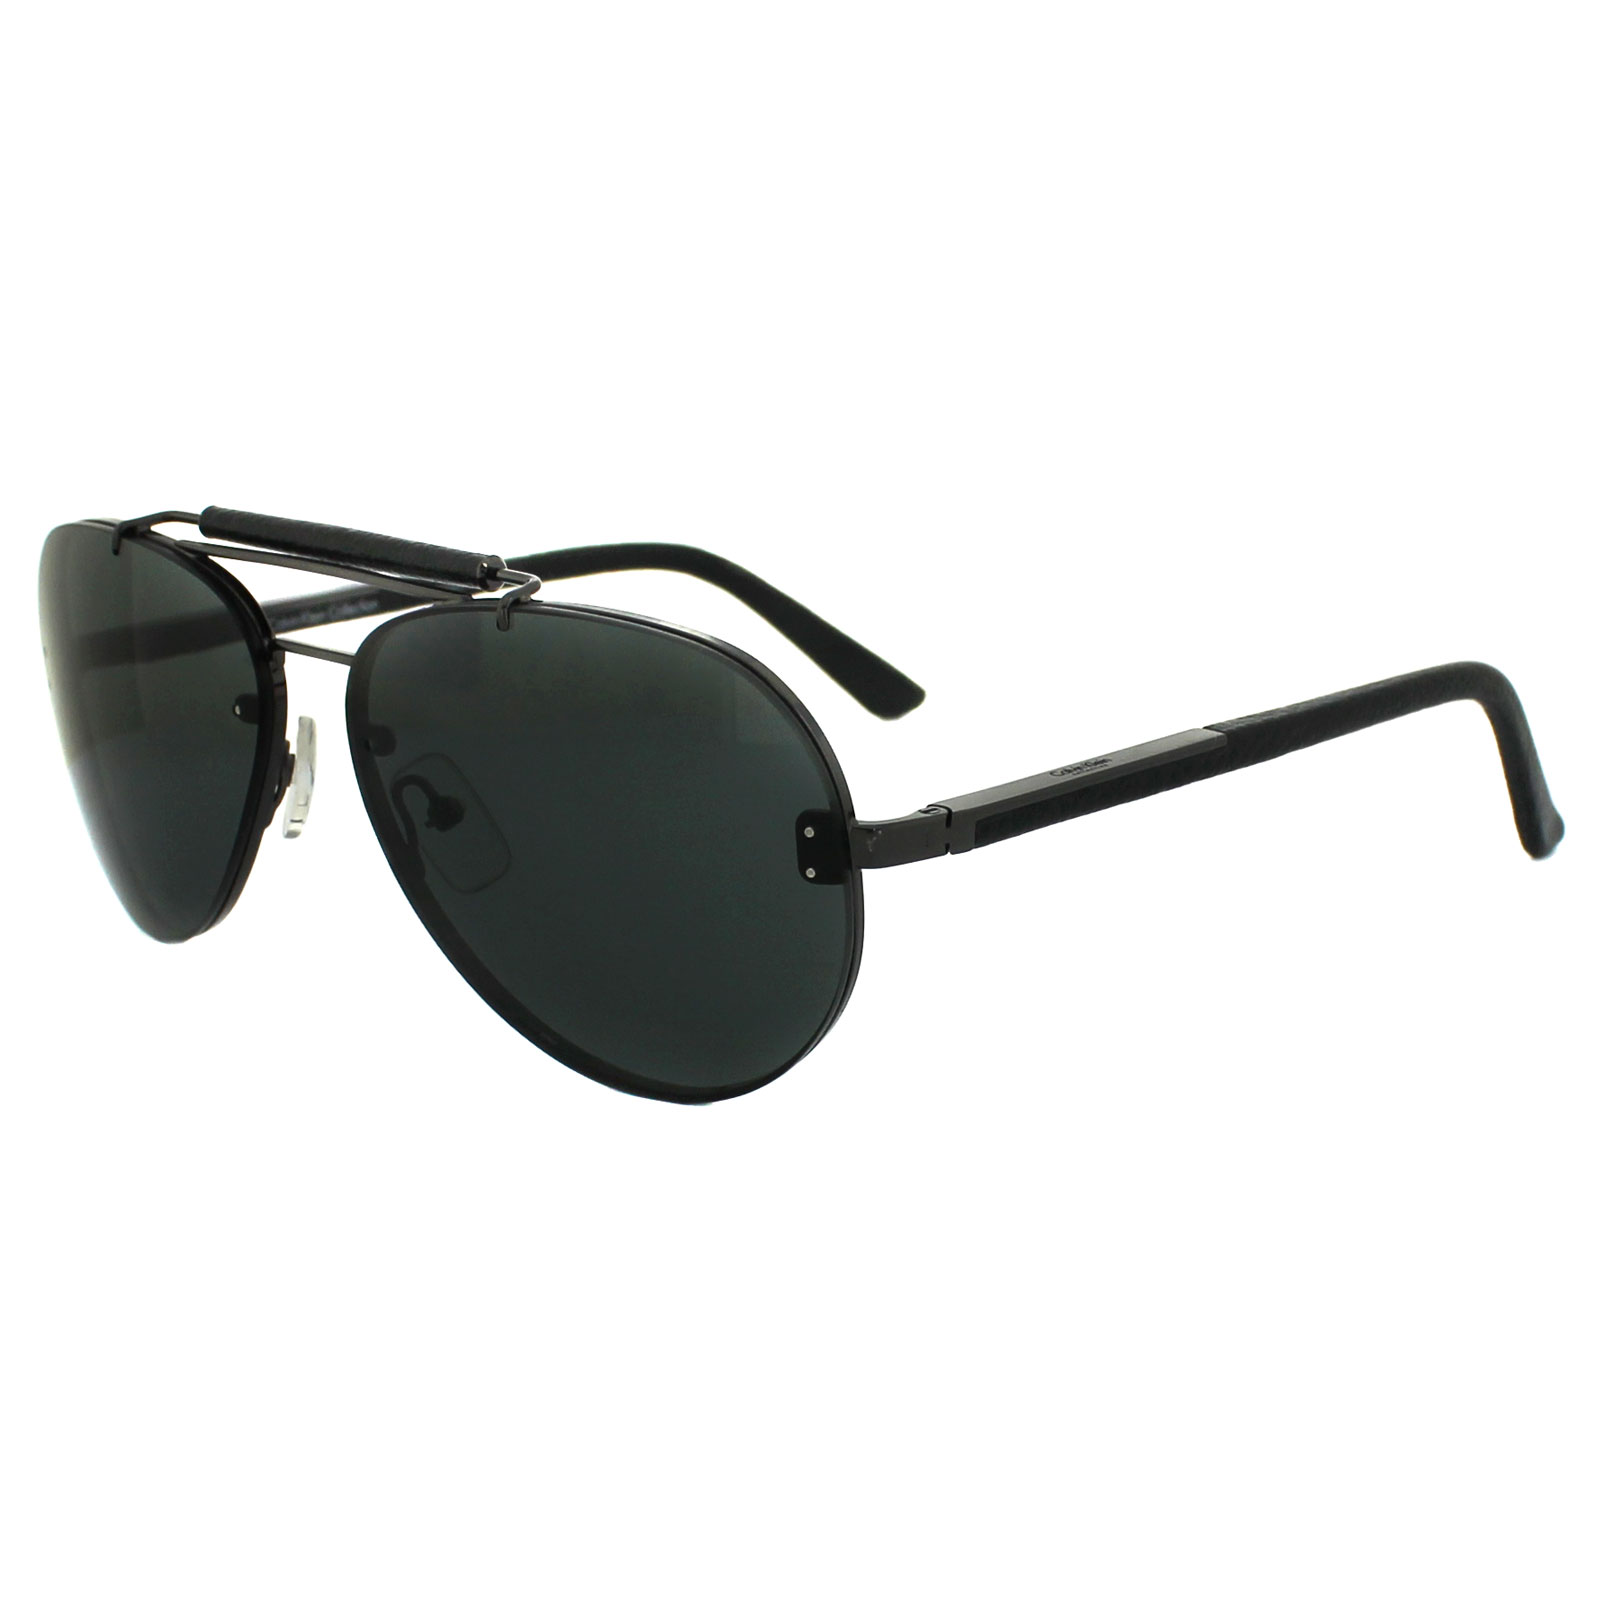 2a30de6df6 Calvin Klein Sunglasses Cheap